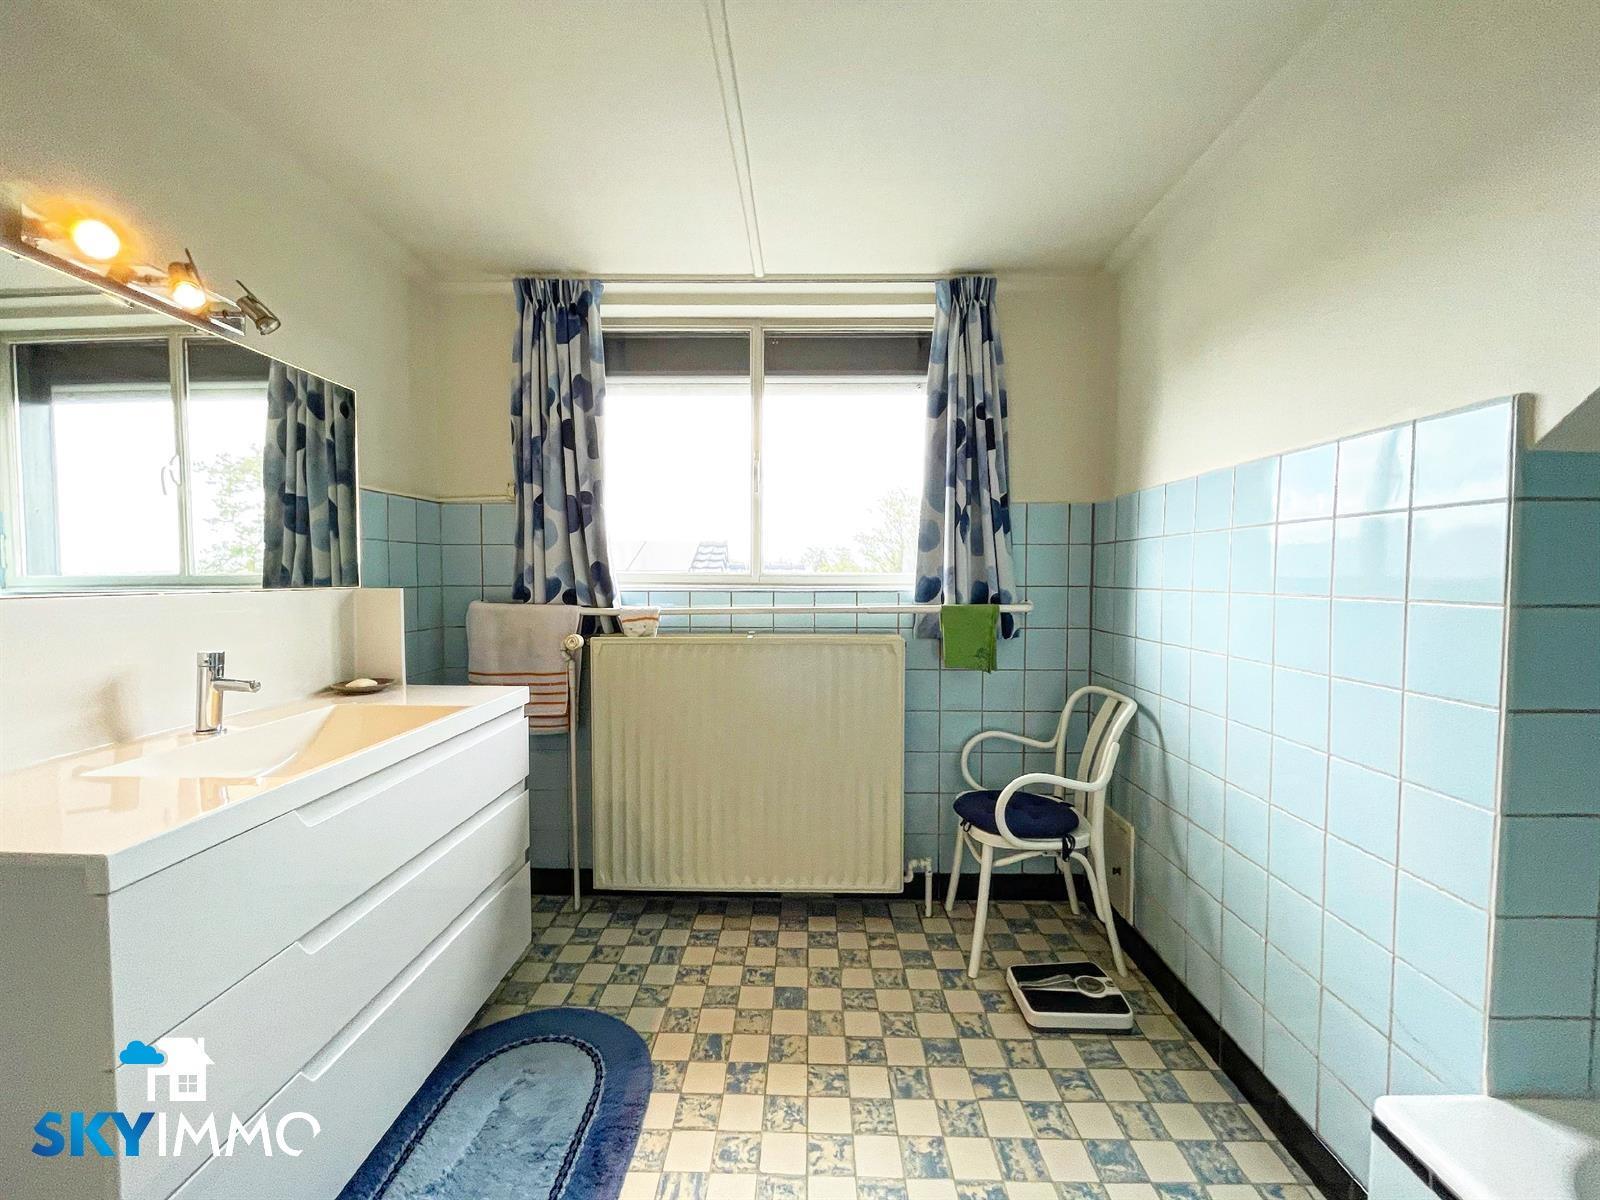 Huis - Liege - #4401919-25